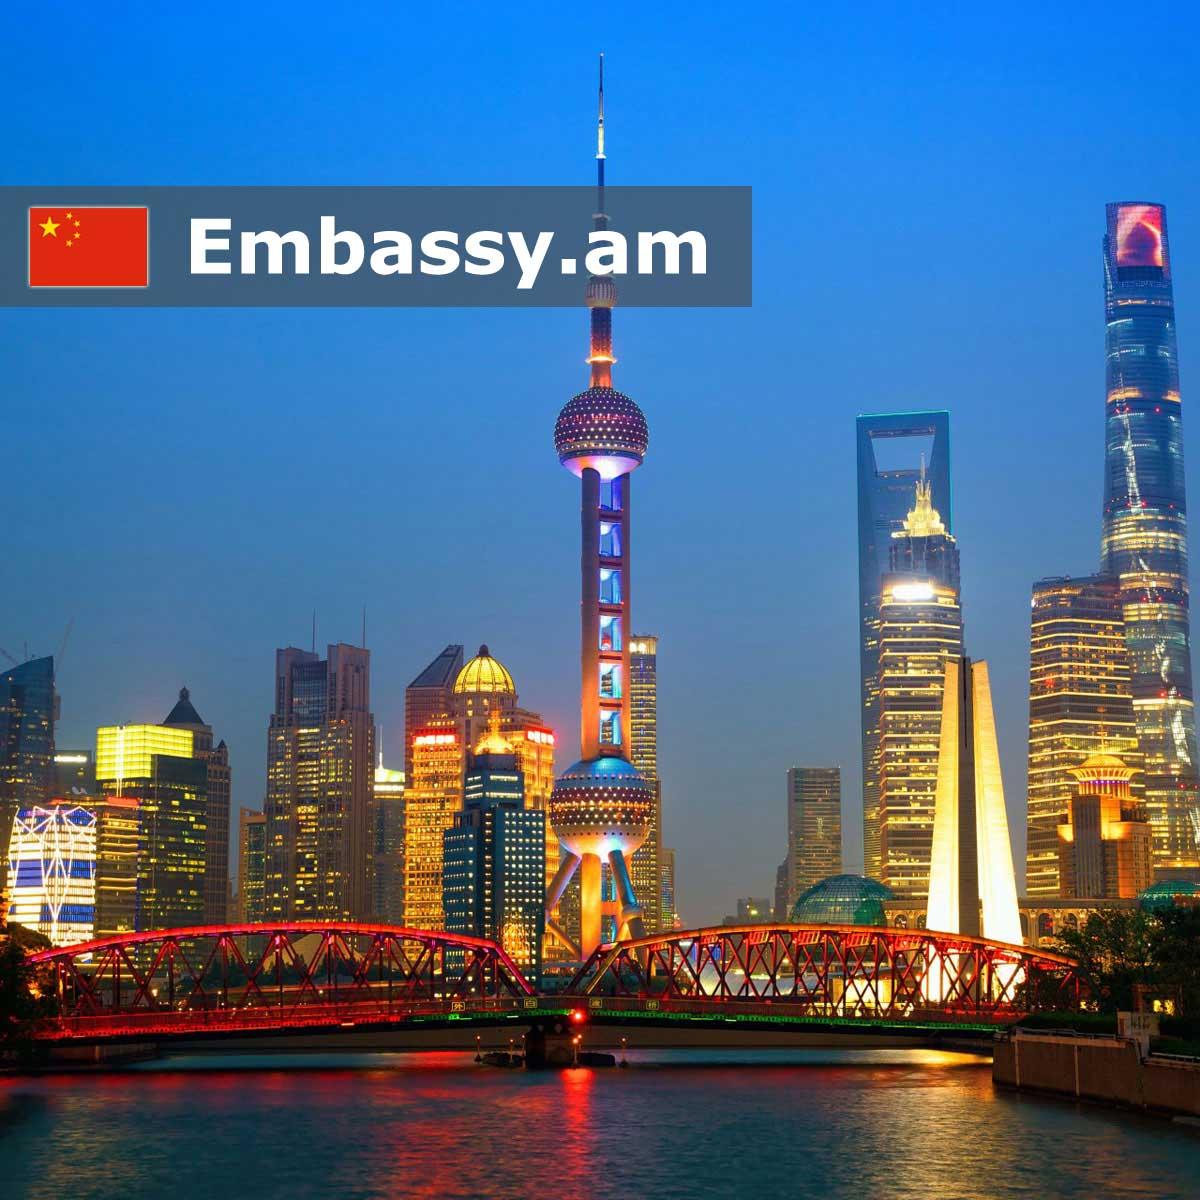 Шанхай - Отели Китая - Embassy.am